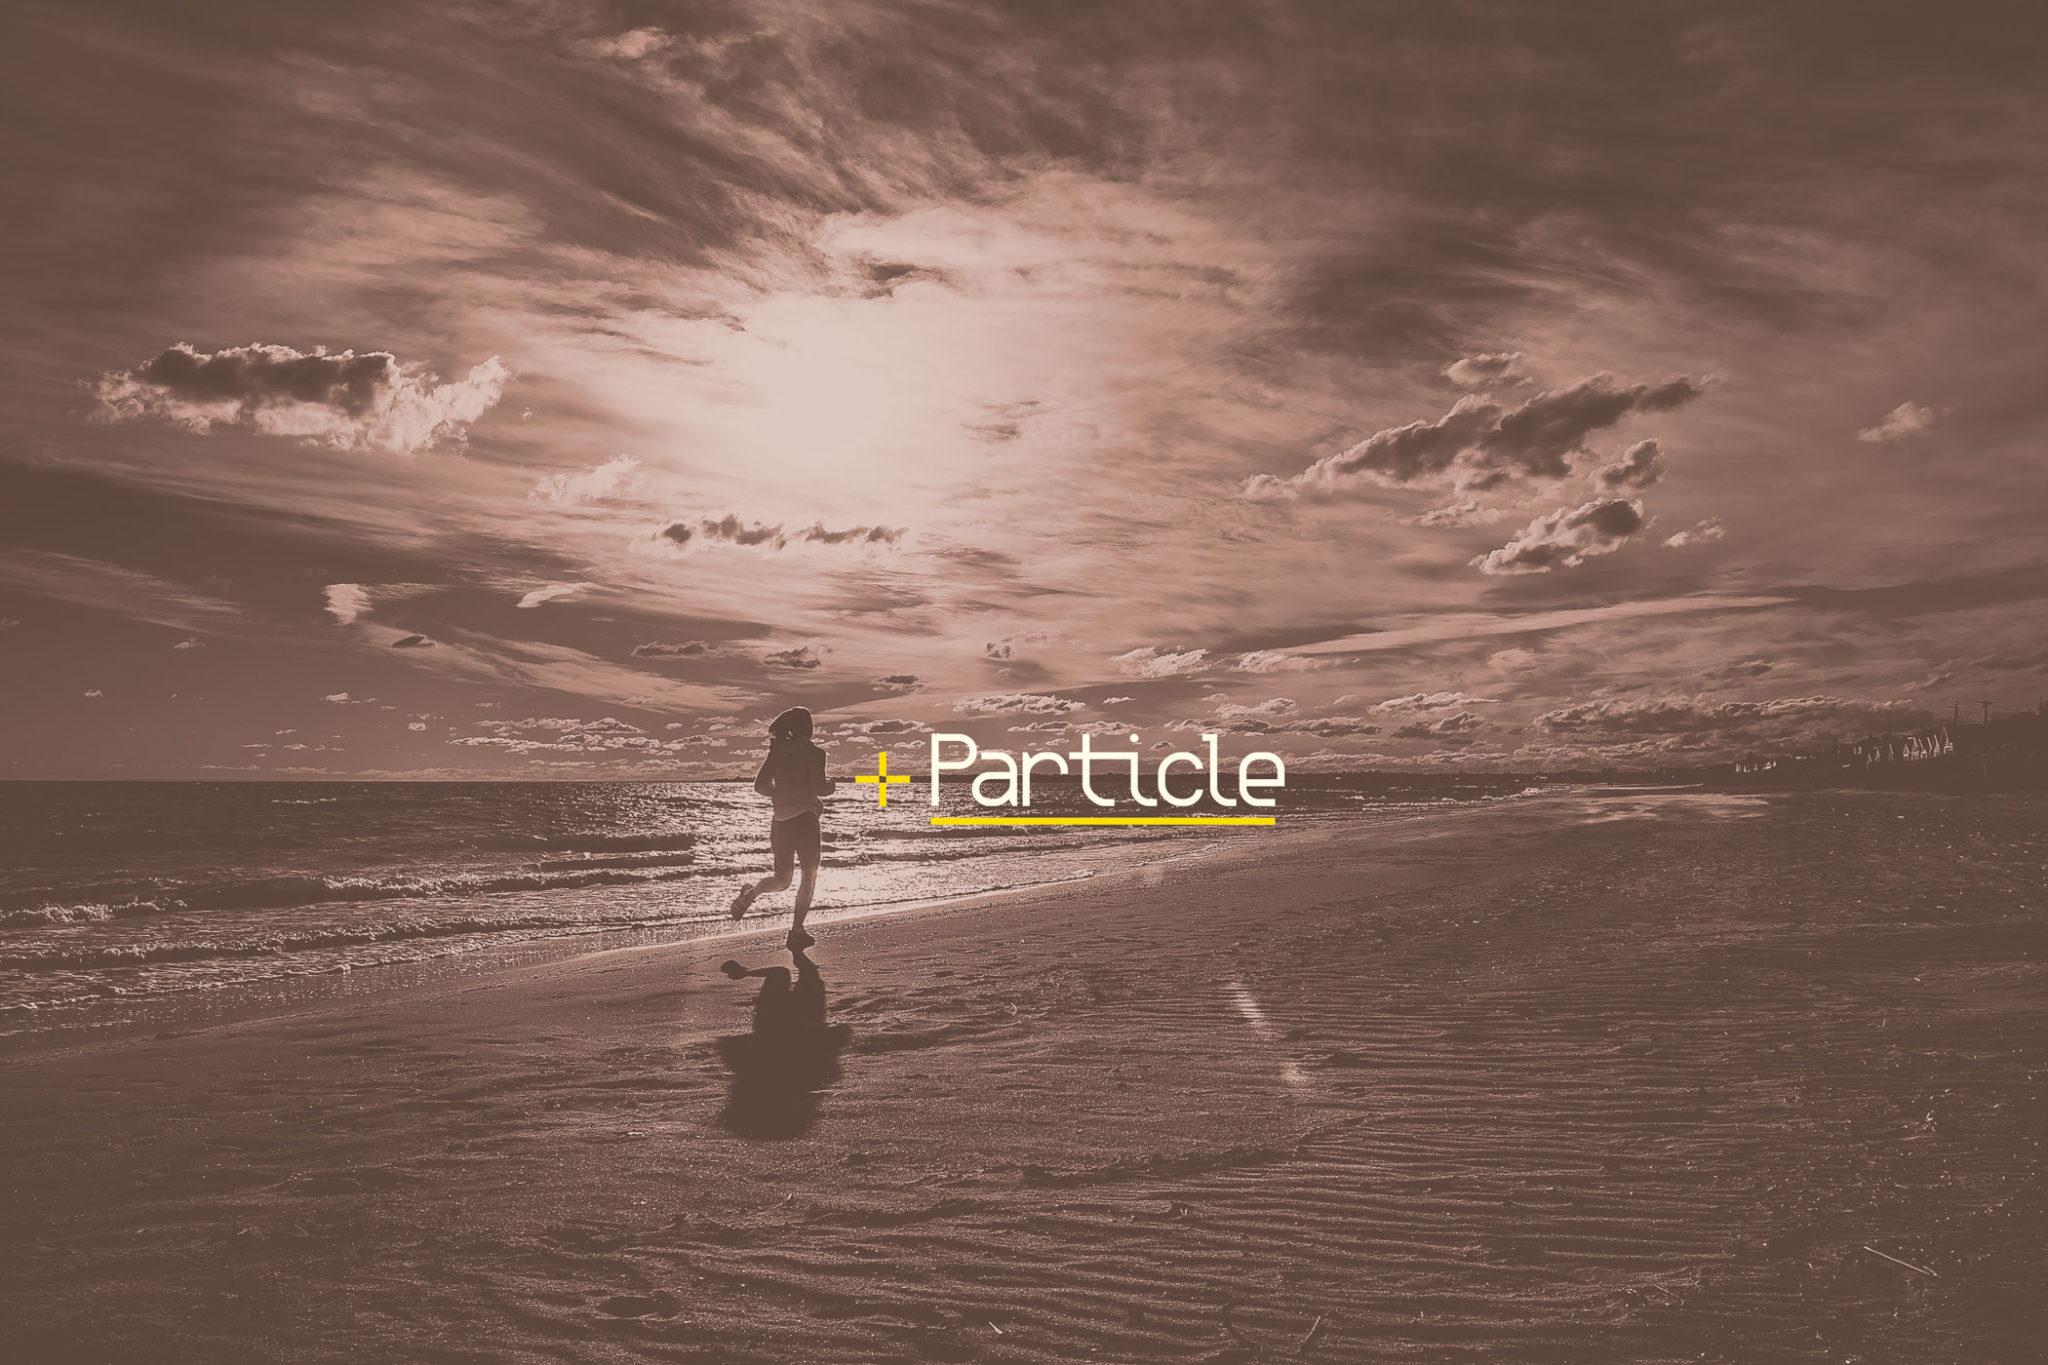 Particle_Jog